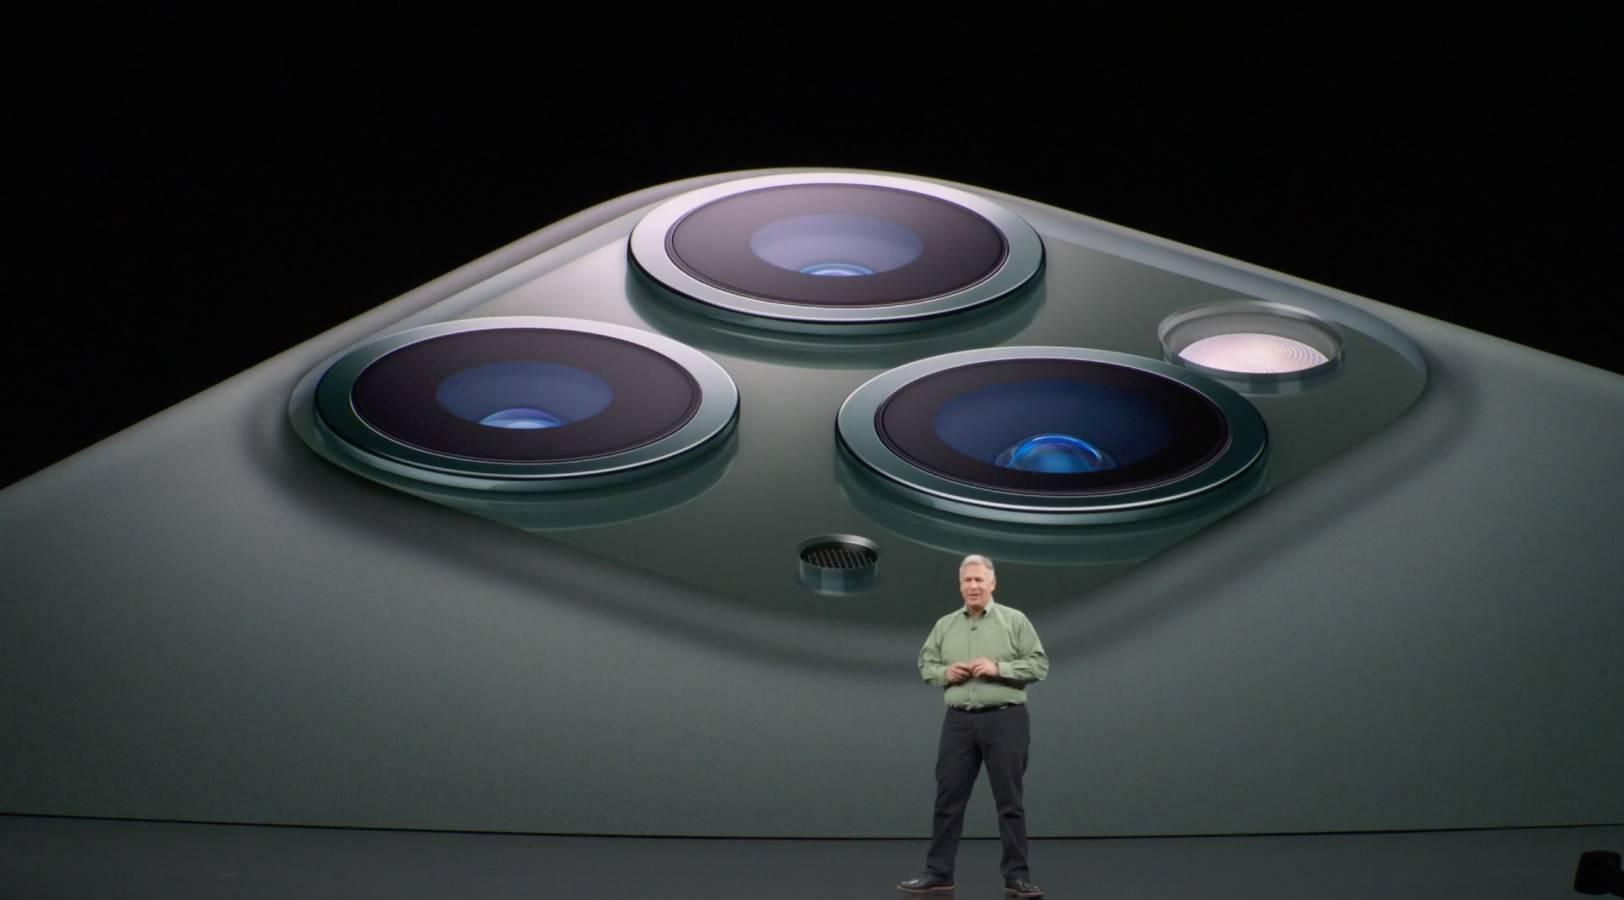 iPhone 11 Pro DISTRUGE Huawei MATE 30 Pro, NOTE 10 cu o Functie in PREMIERA